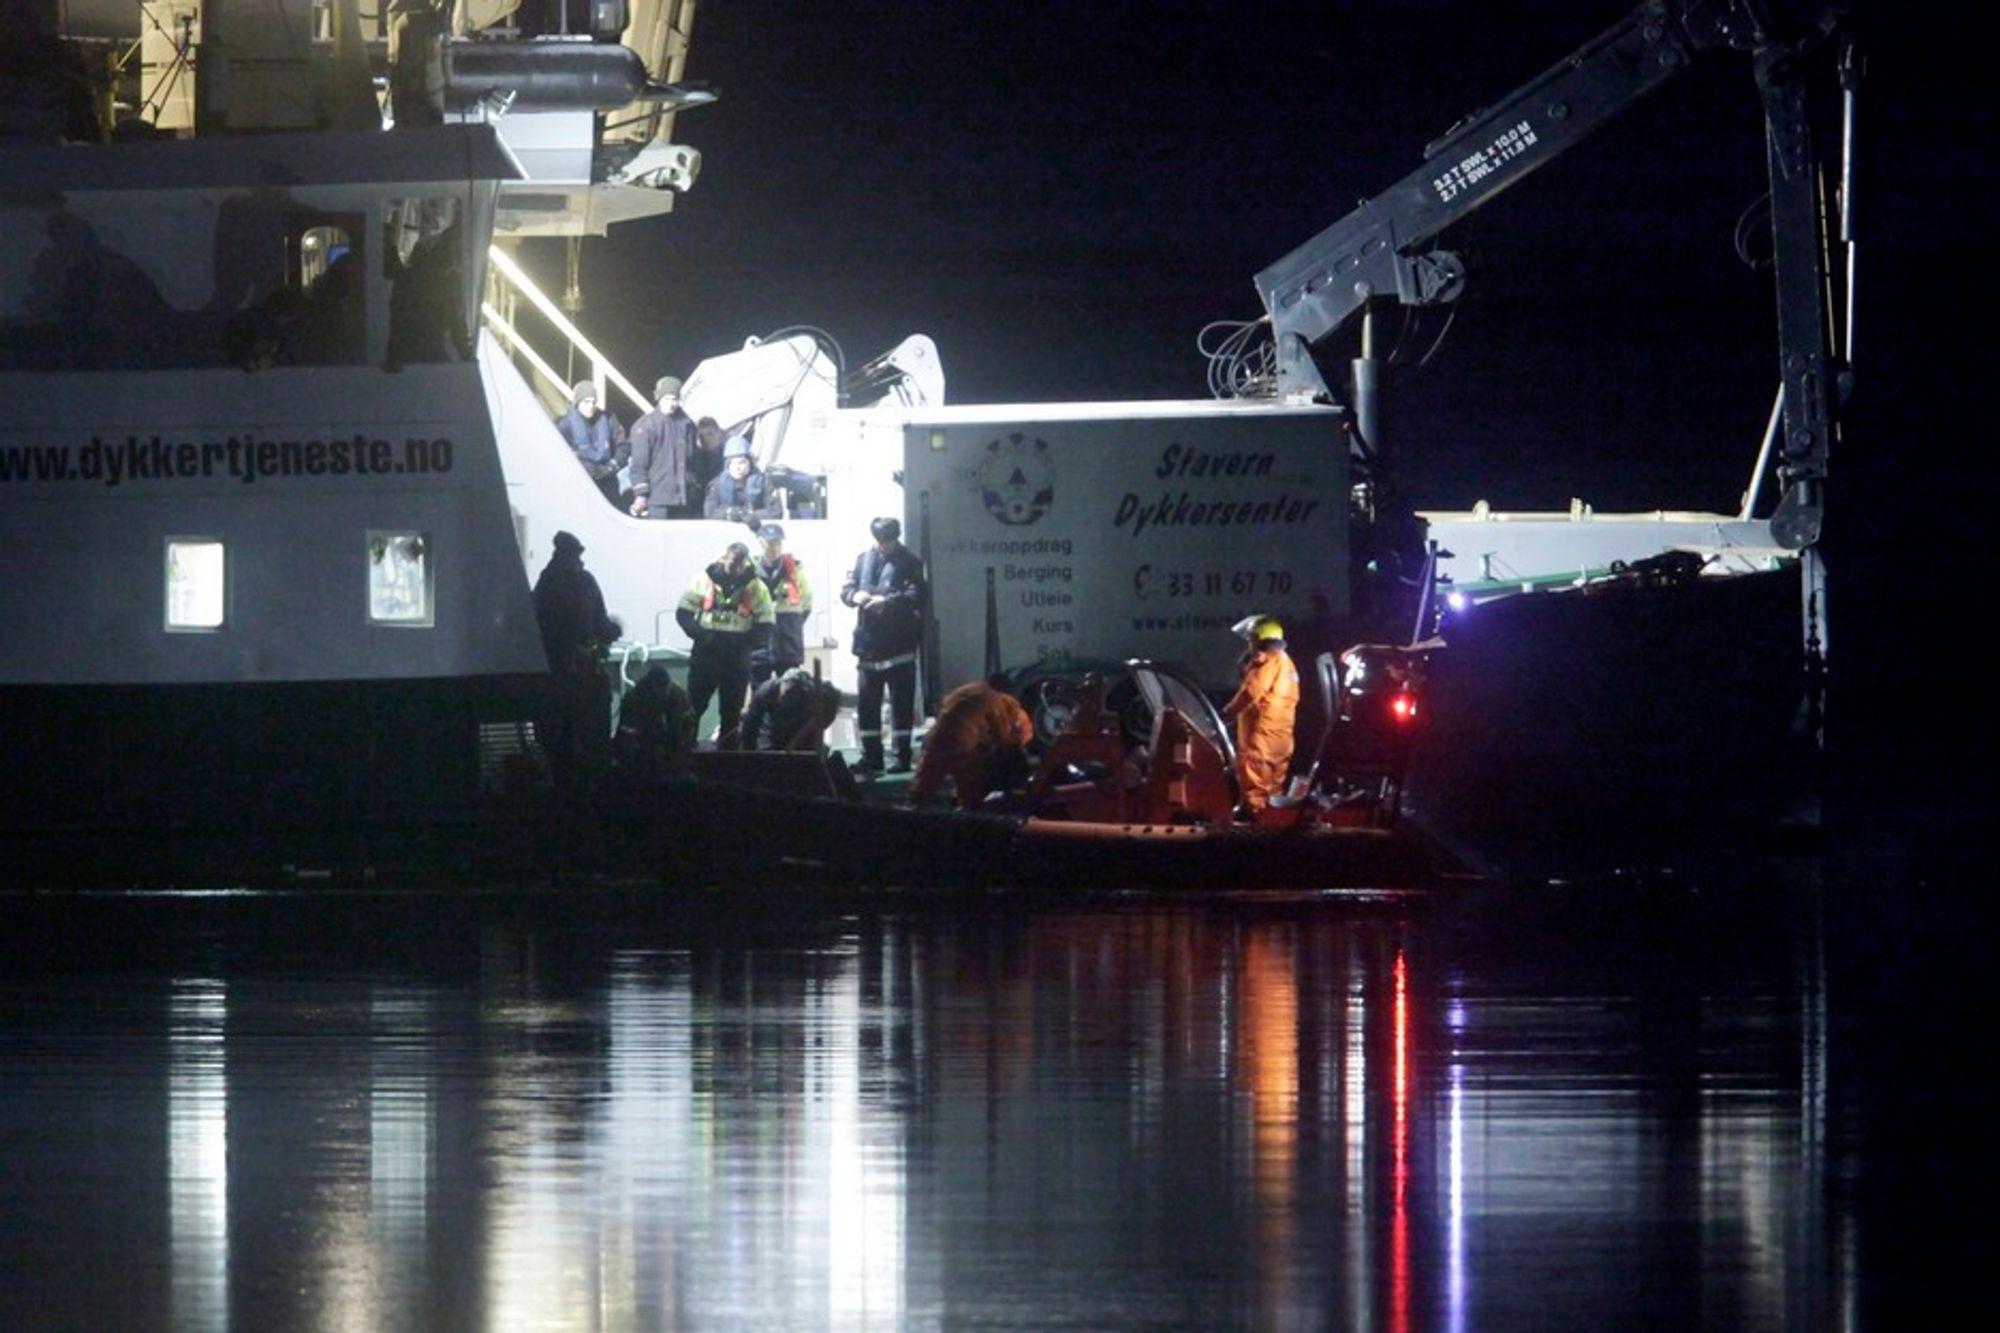 FUNNET: De fire omkomne ble funnet i helikoptervraket. Senere i dag starter hevingen av helikopteret.